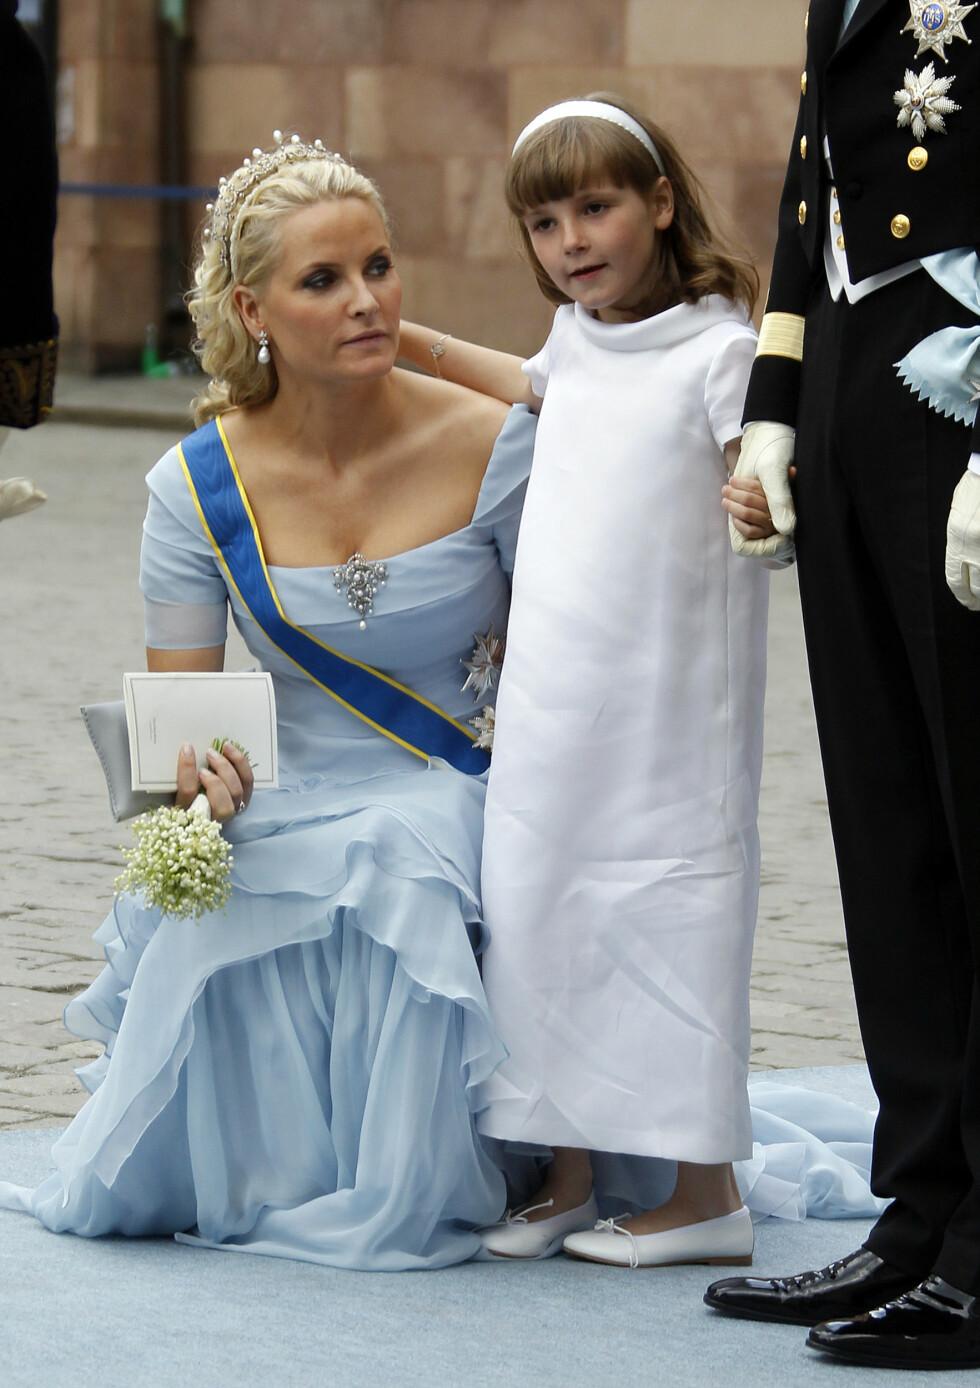 TRYGT: Prinsesse Ingrid Alexandra støttet seg til sin mor kronprinsesse Mette-Marit og far kronprins Haakon etter vielsen mellom kronprinsesse Victoria og prins Daniel i Storkyrkan i Stockholm i 2010. Inntrykkene var nok mange for den da seks år gamle prinsessen - som hadde fått det ærefulle oppdraget med å være brudepike. Foto: NTB Scanpix